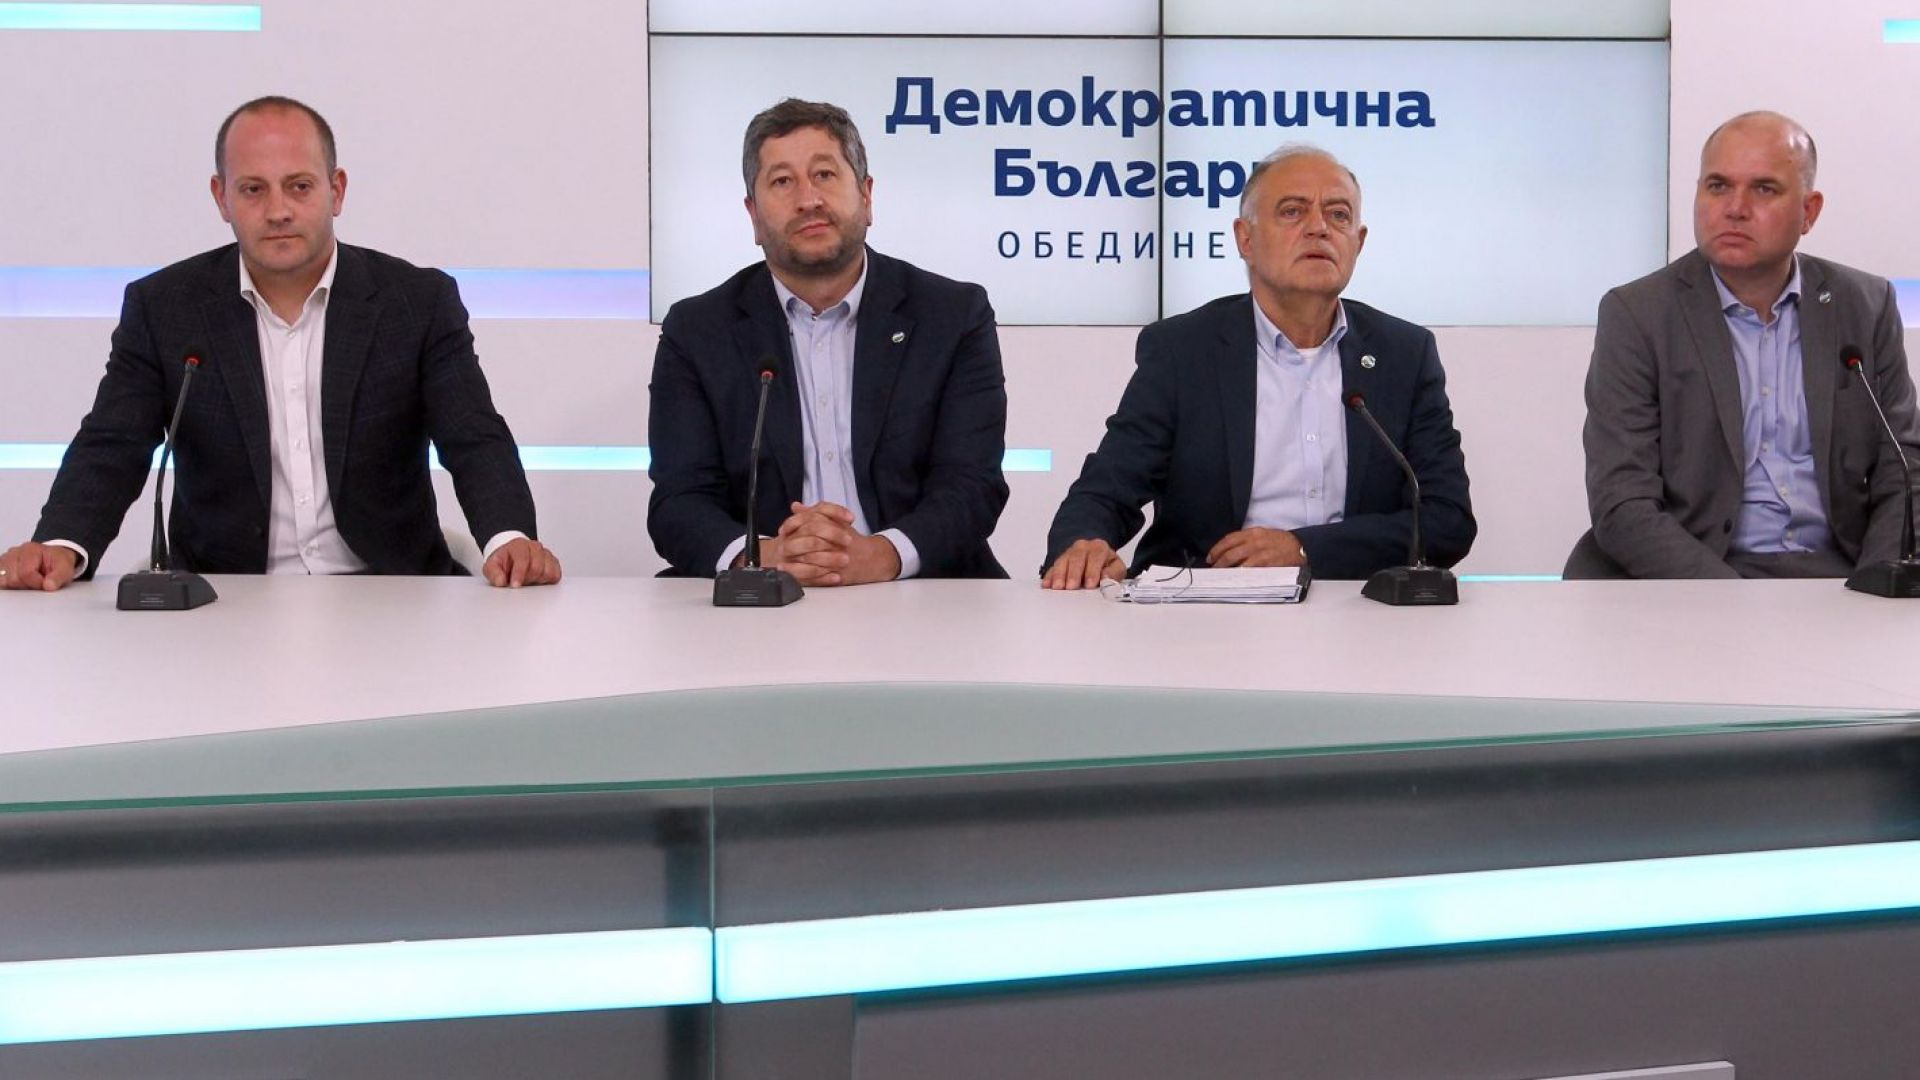 Радан Кънев: Ще съм част от ЕНП и ще работя с ГЕРБ все така критично